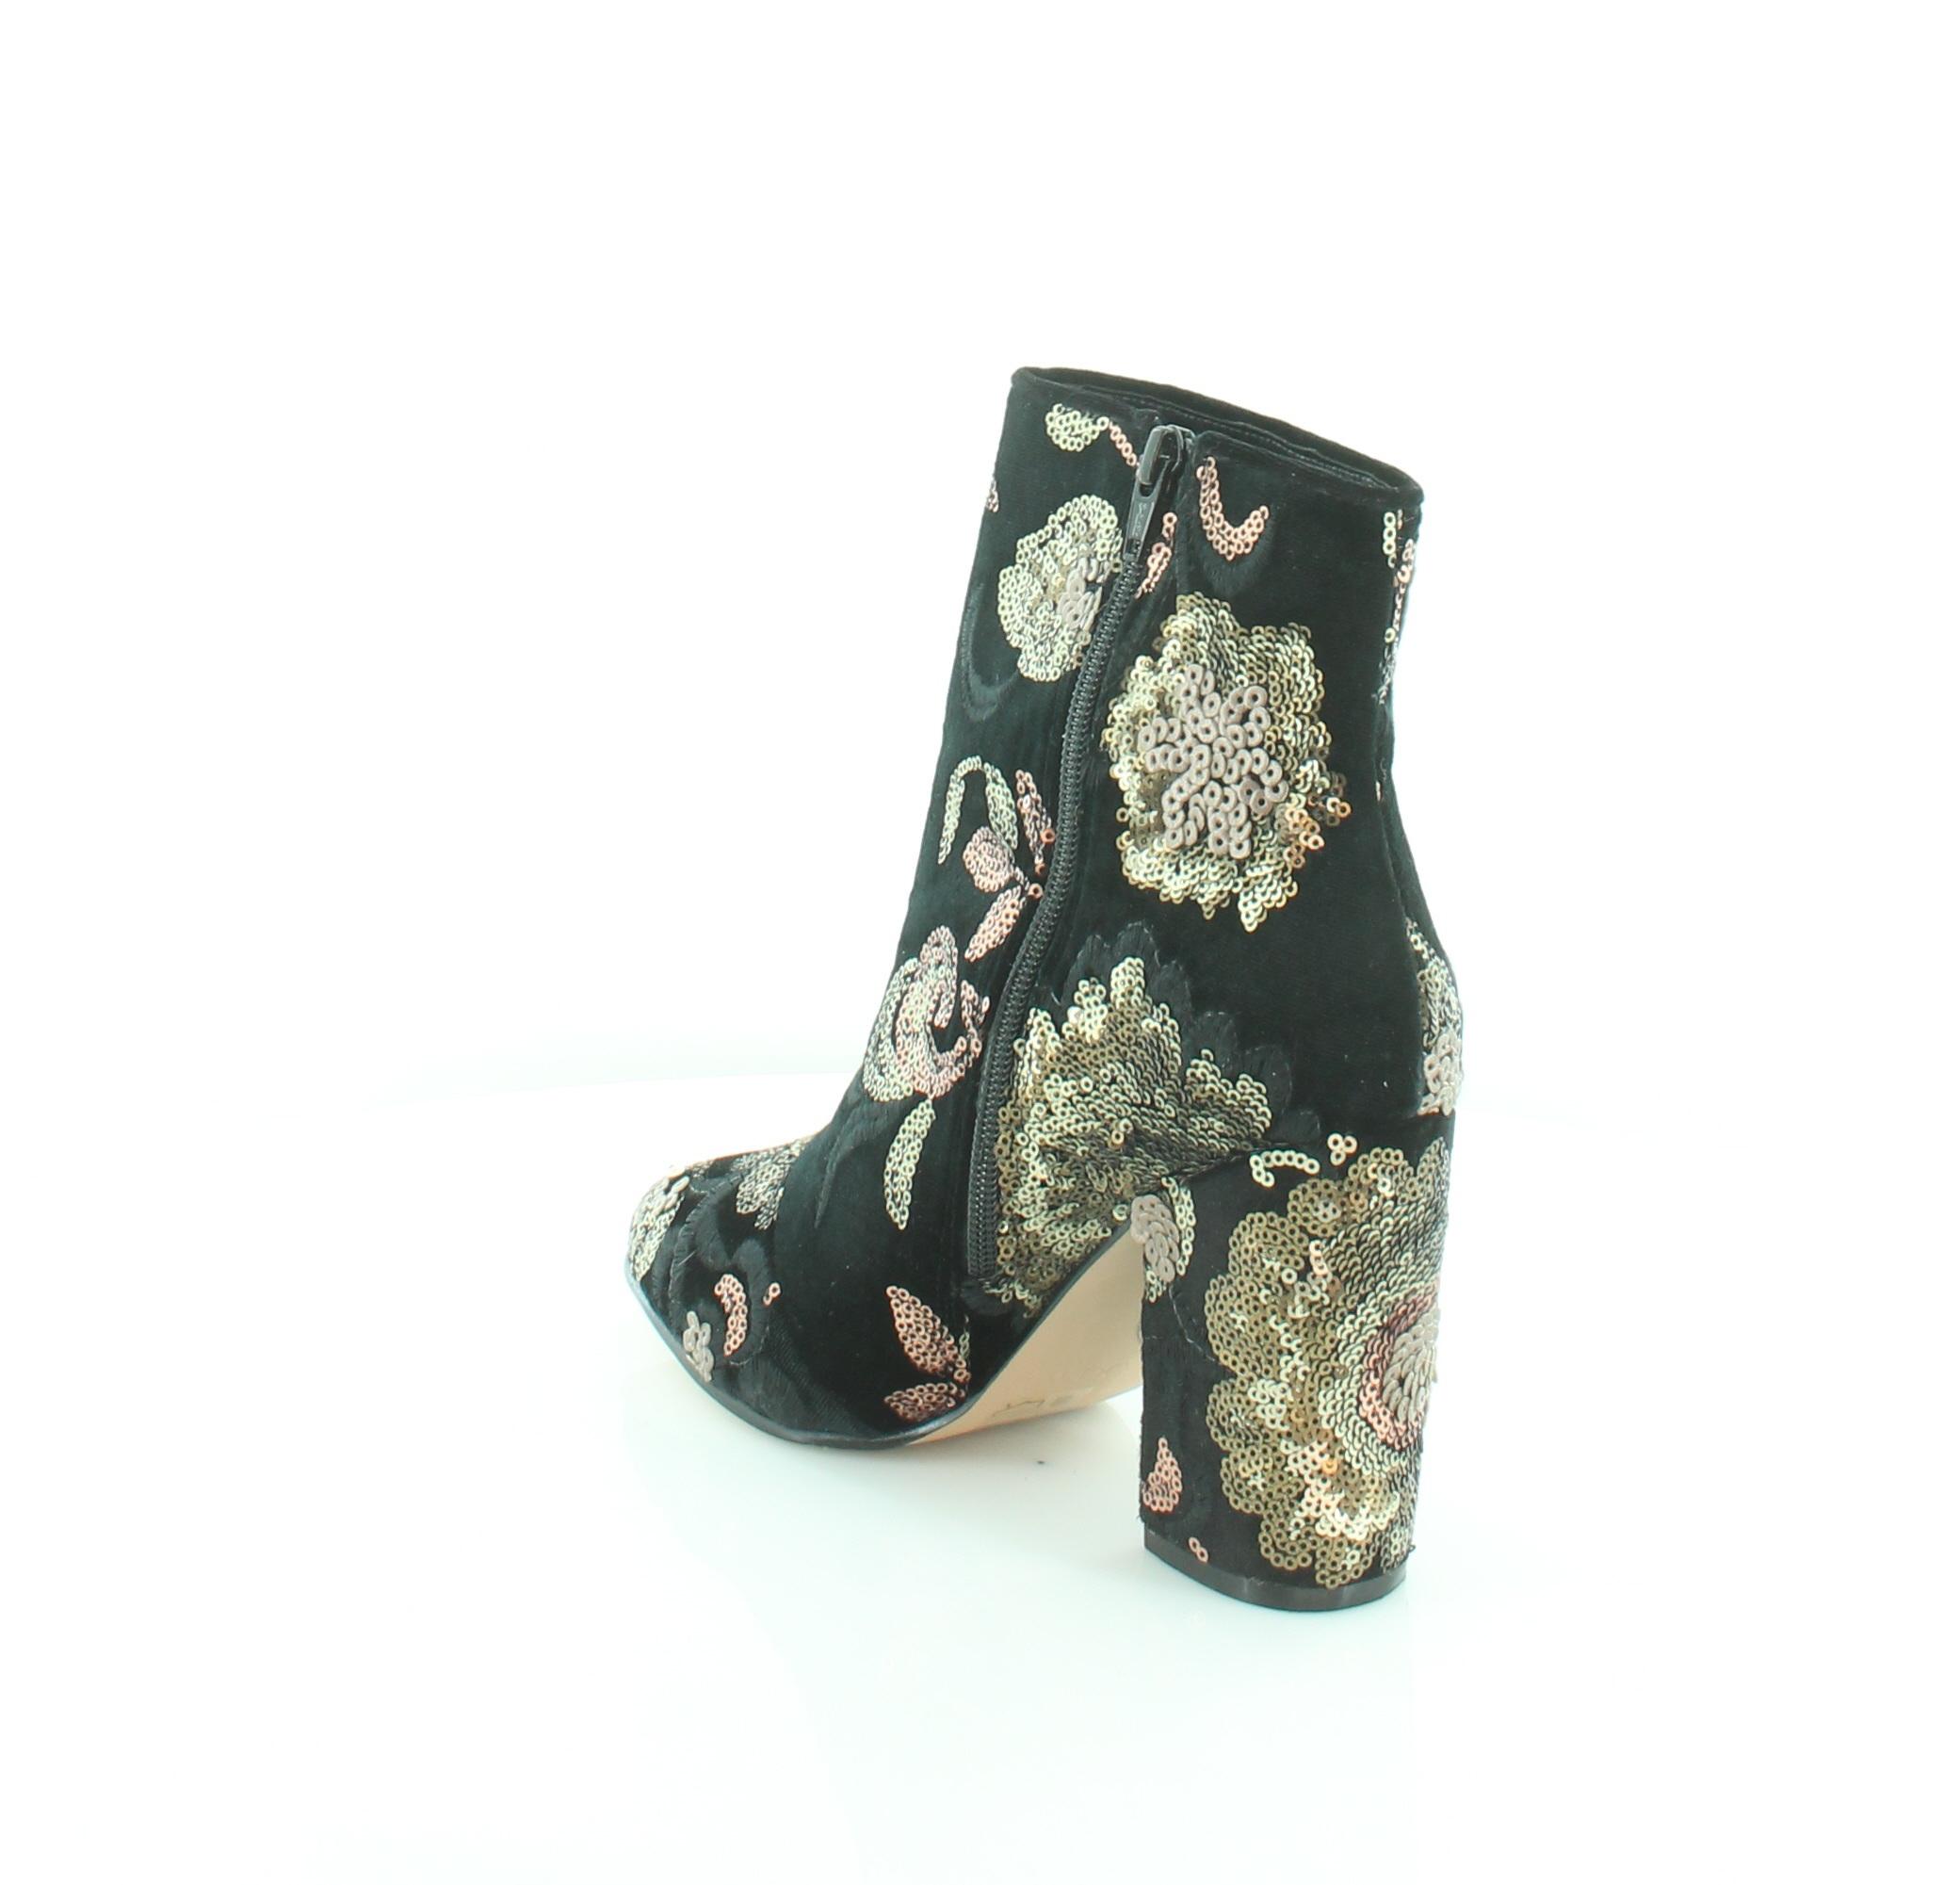 Aldo-Fiery-Black-Womens-Shoes-Size-7-5-M-Boots-MSRP-120 縮圖 5